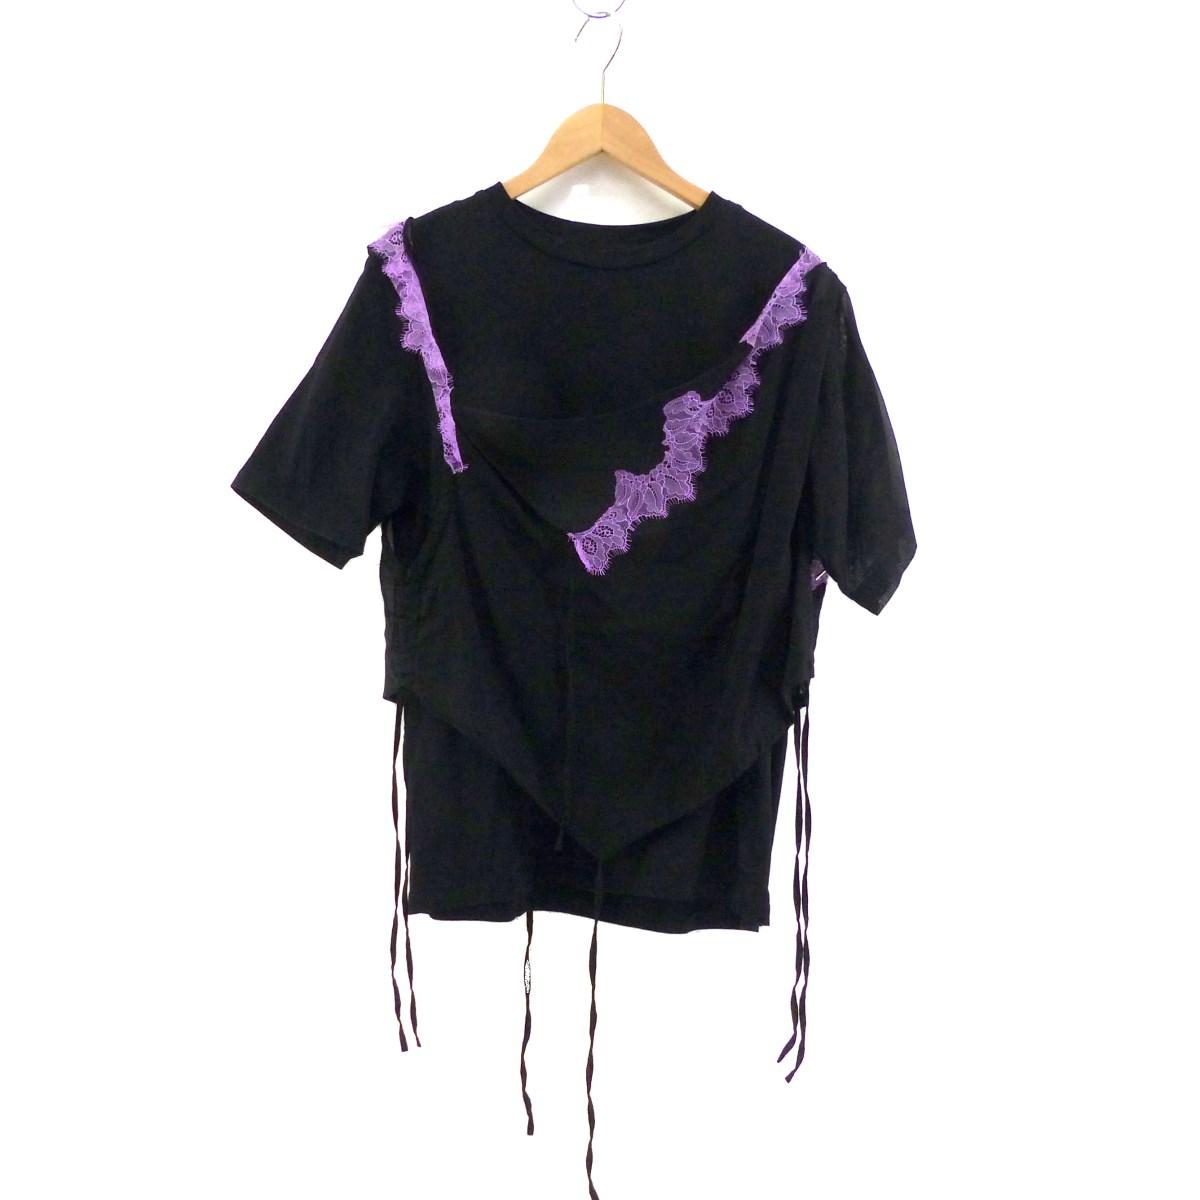 【中古】IRENE レイヤードTシャツ ブラック×パープル サイズ:36 【030520】(アイレネ)